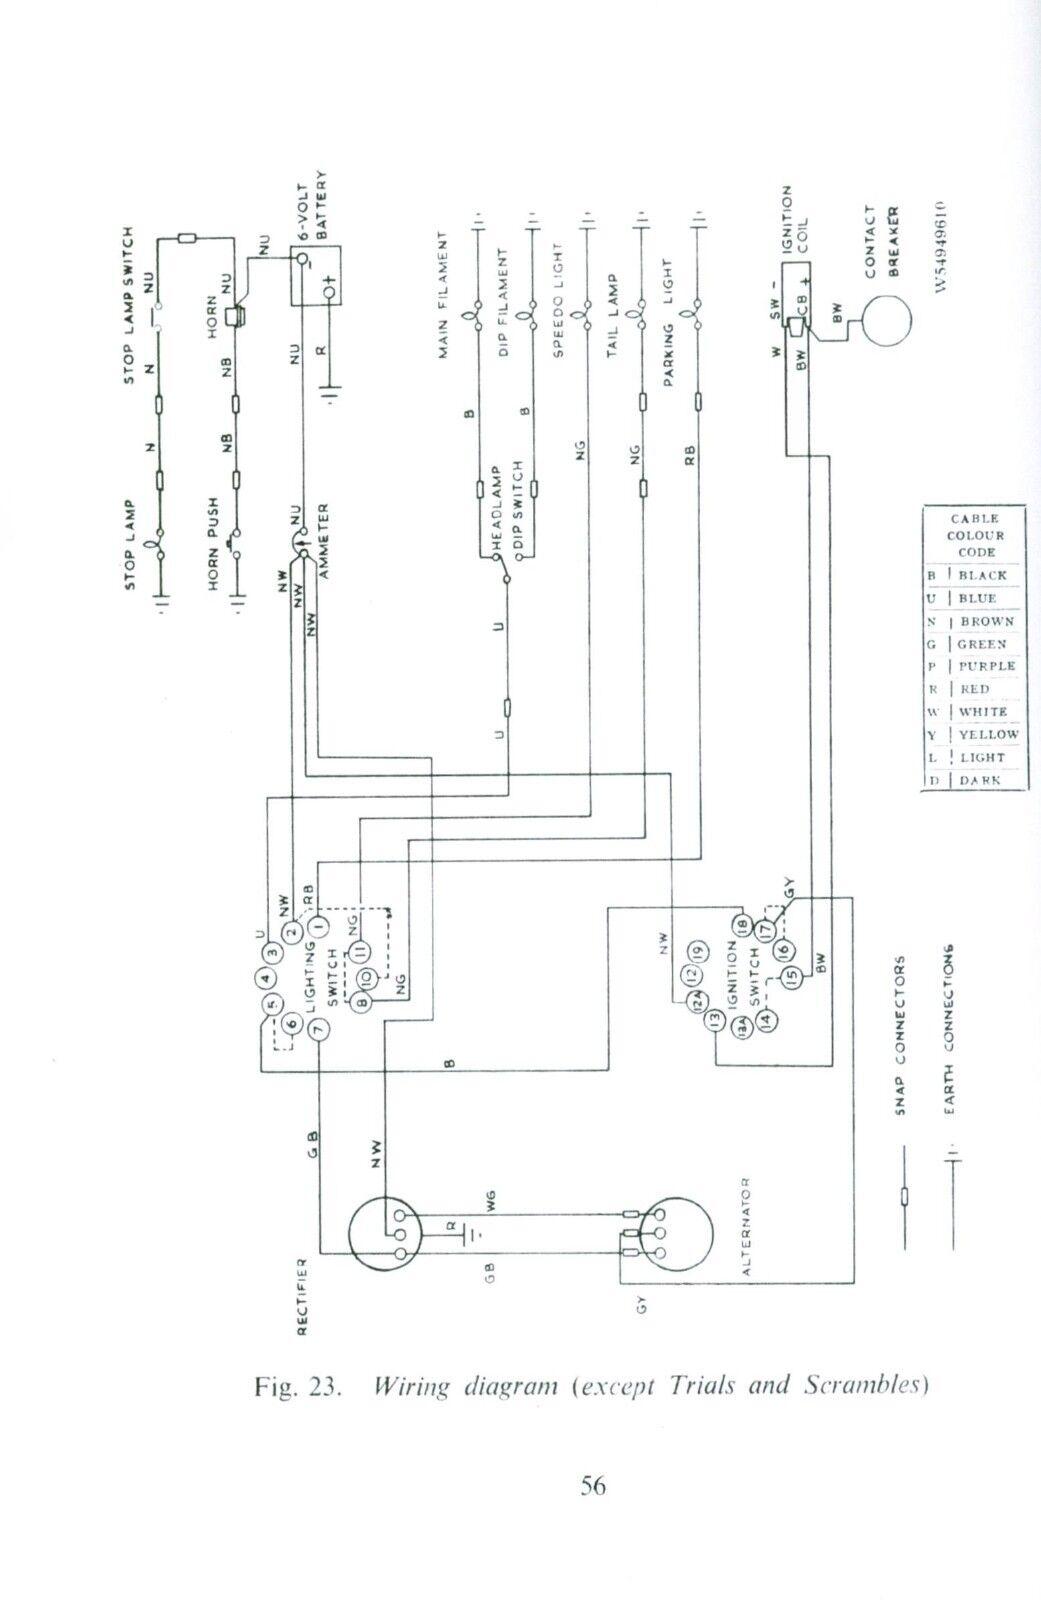 Bsa Wiring Schematic